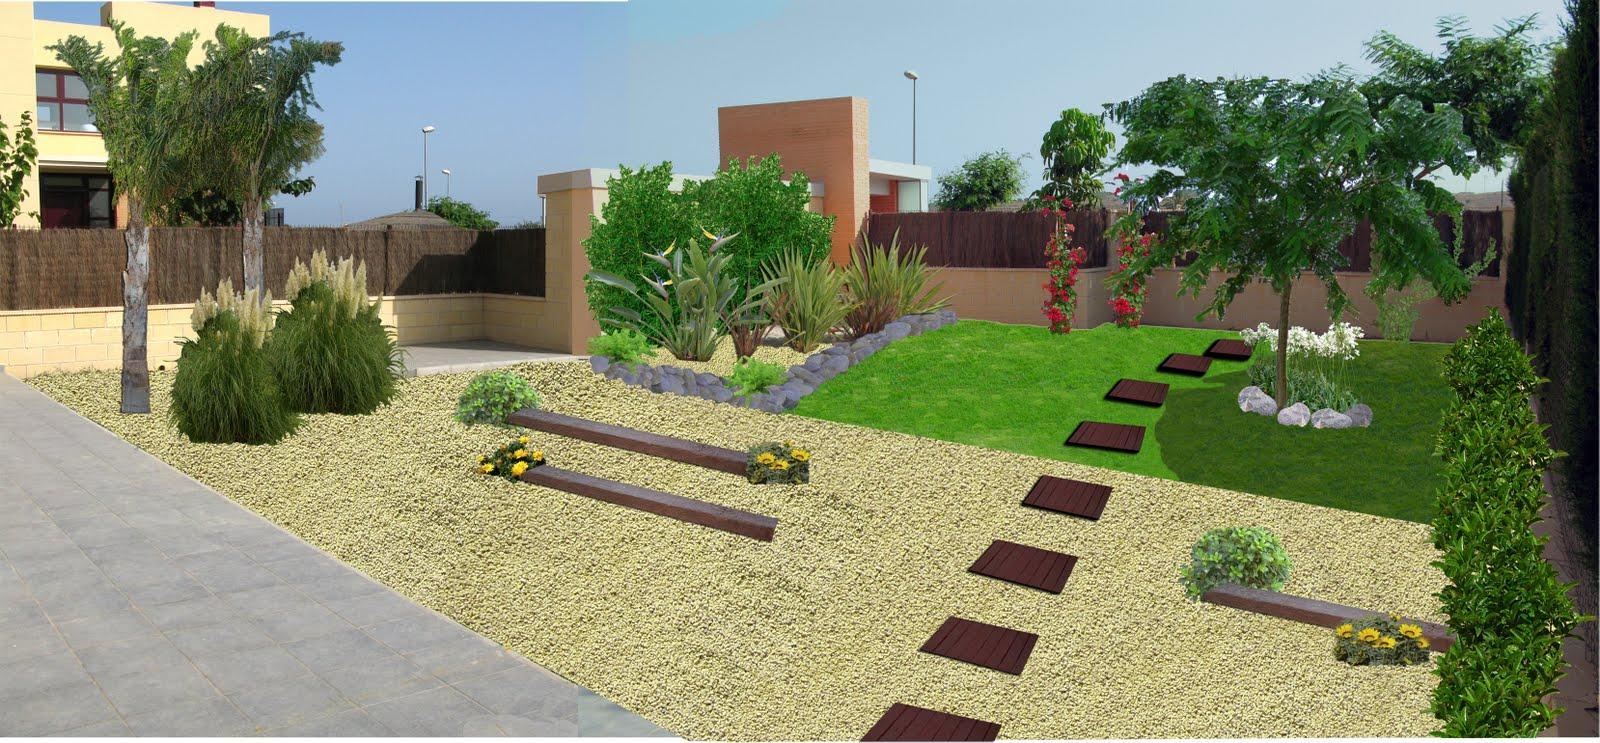 Dise o de jardines jardiner a benidorm jardineros alicante - Diseno de un jardin ...